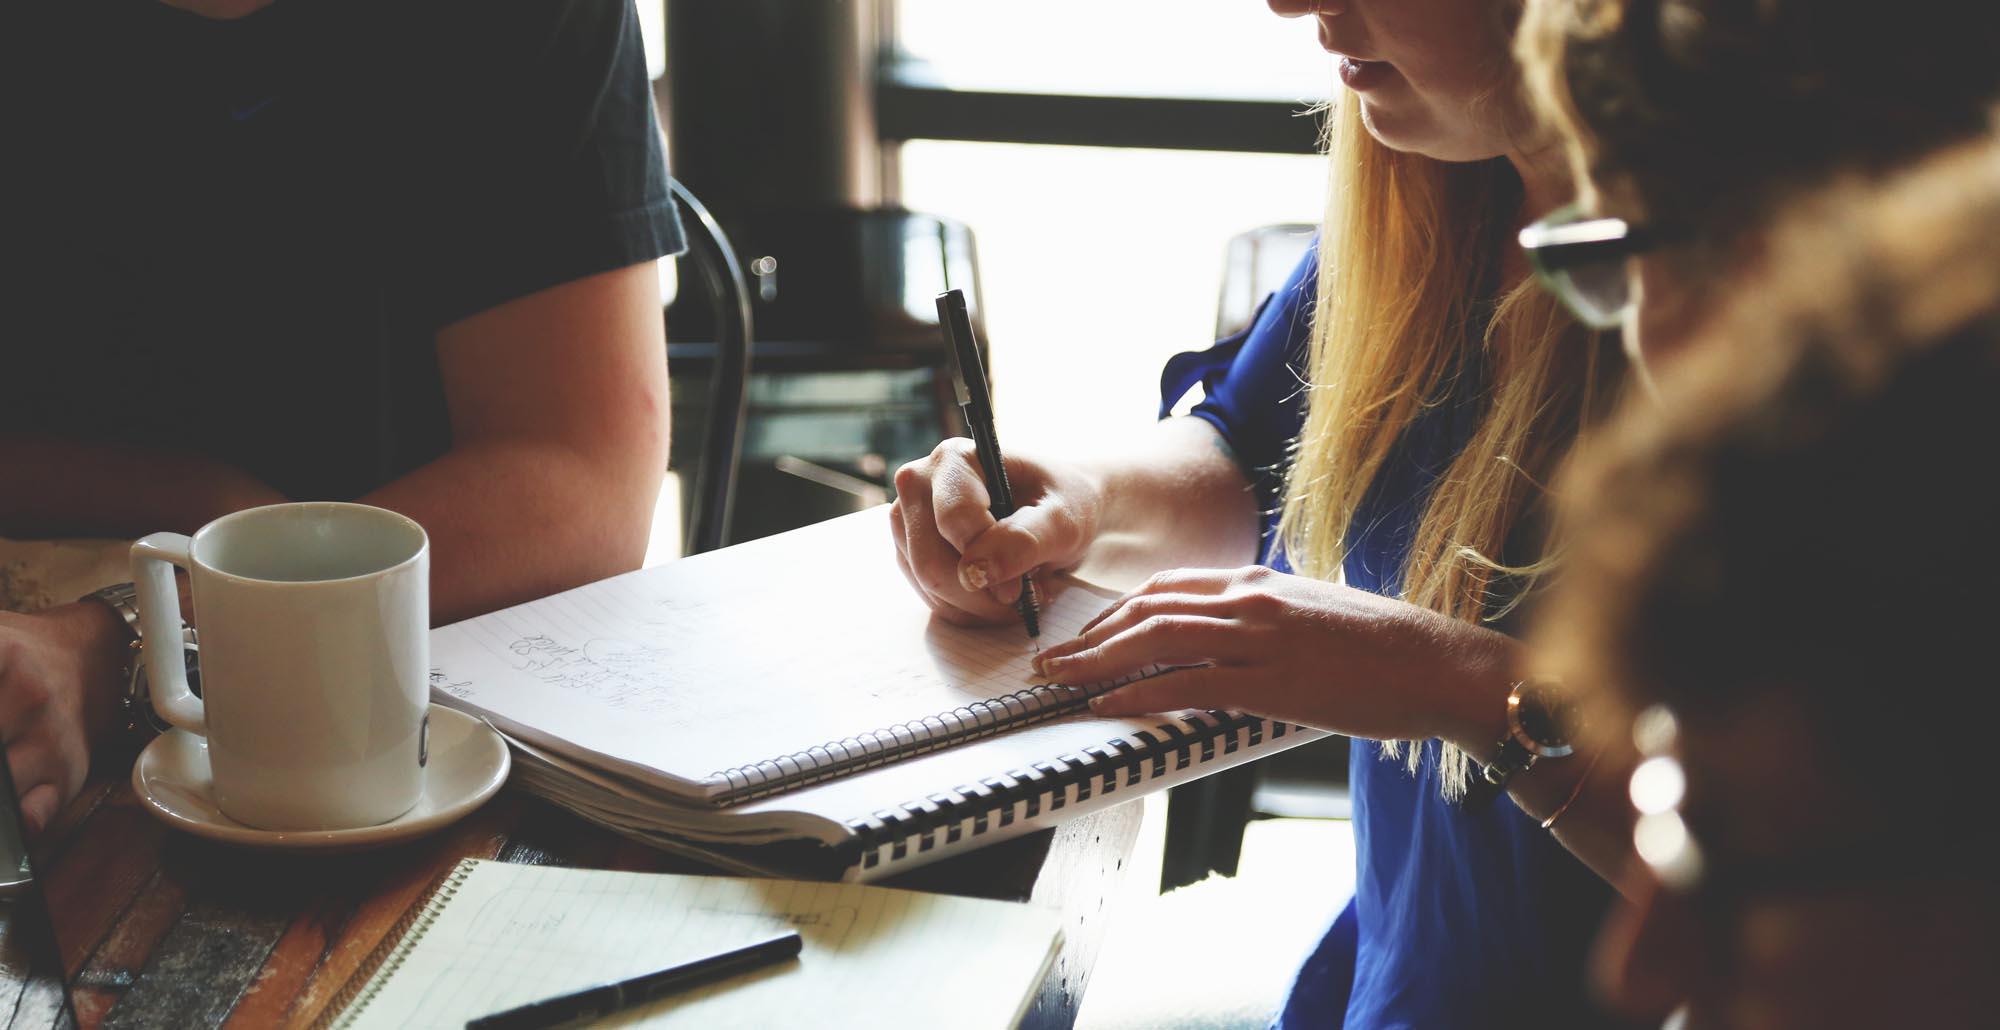 Foto di giovani che studiano insieme attorno ad un tavolo